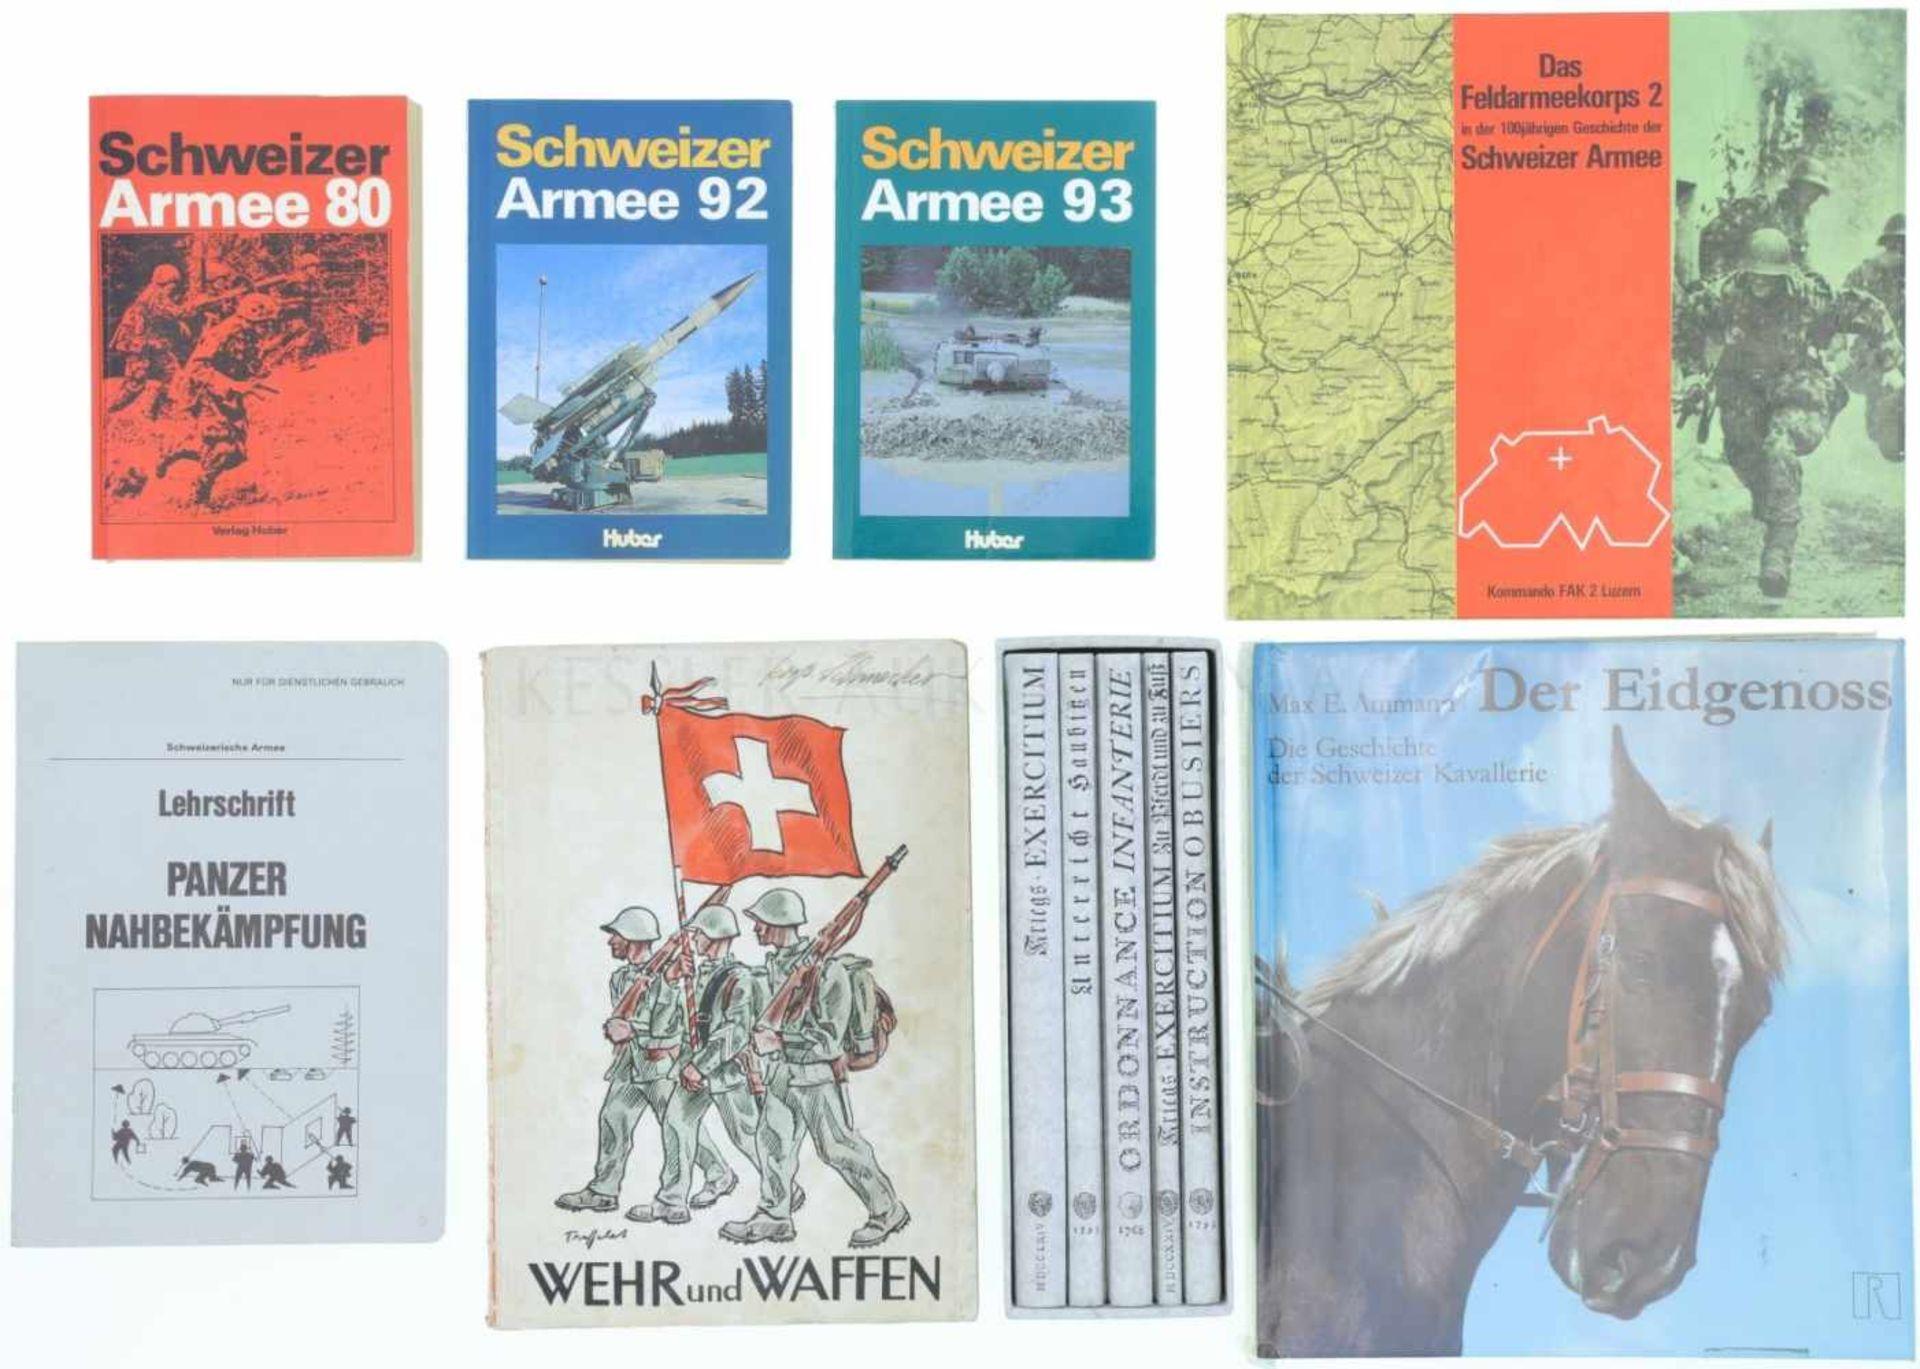 Konvolut 8 Bücher 1. Schweizer Armee 80, Autor Peter Marti, Verlag Huber, 1979. 2. Schweizer Armee